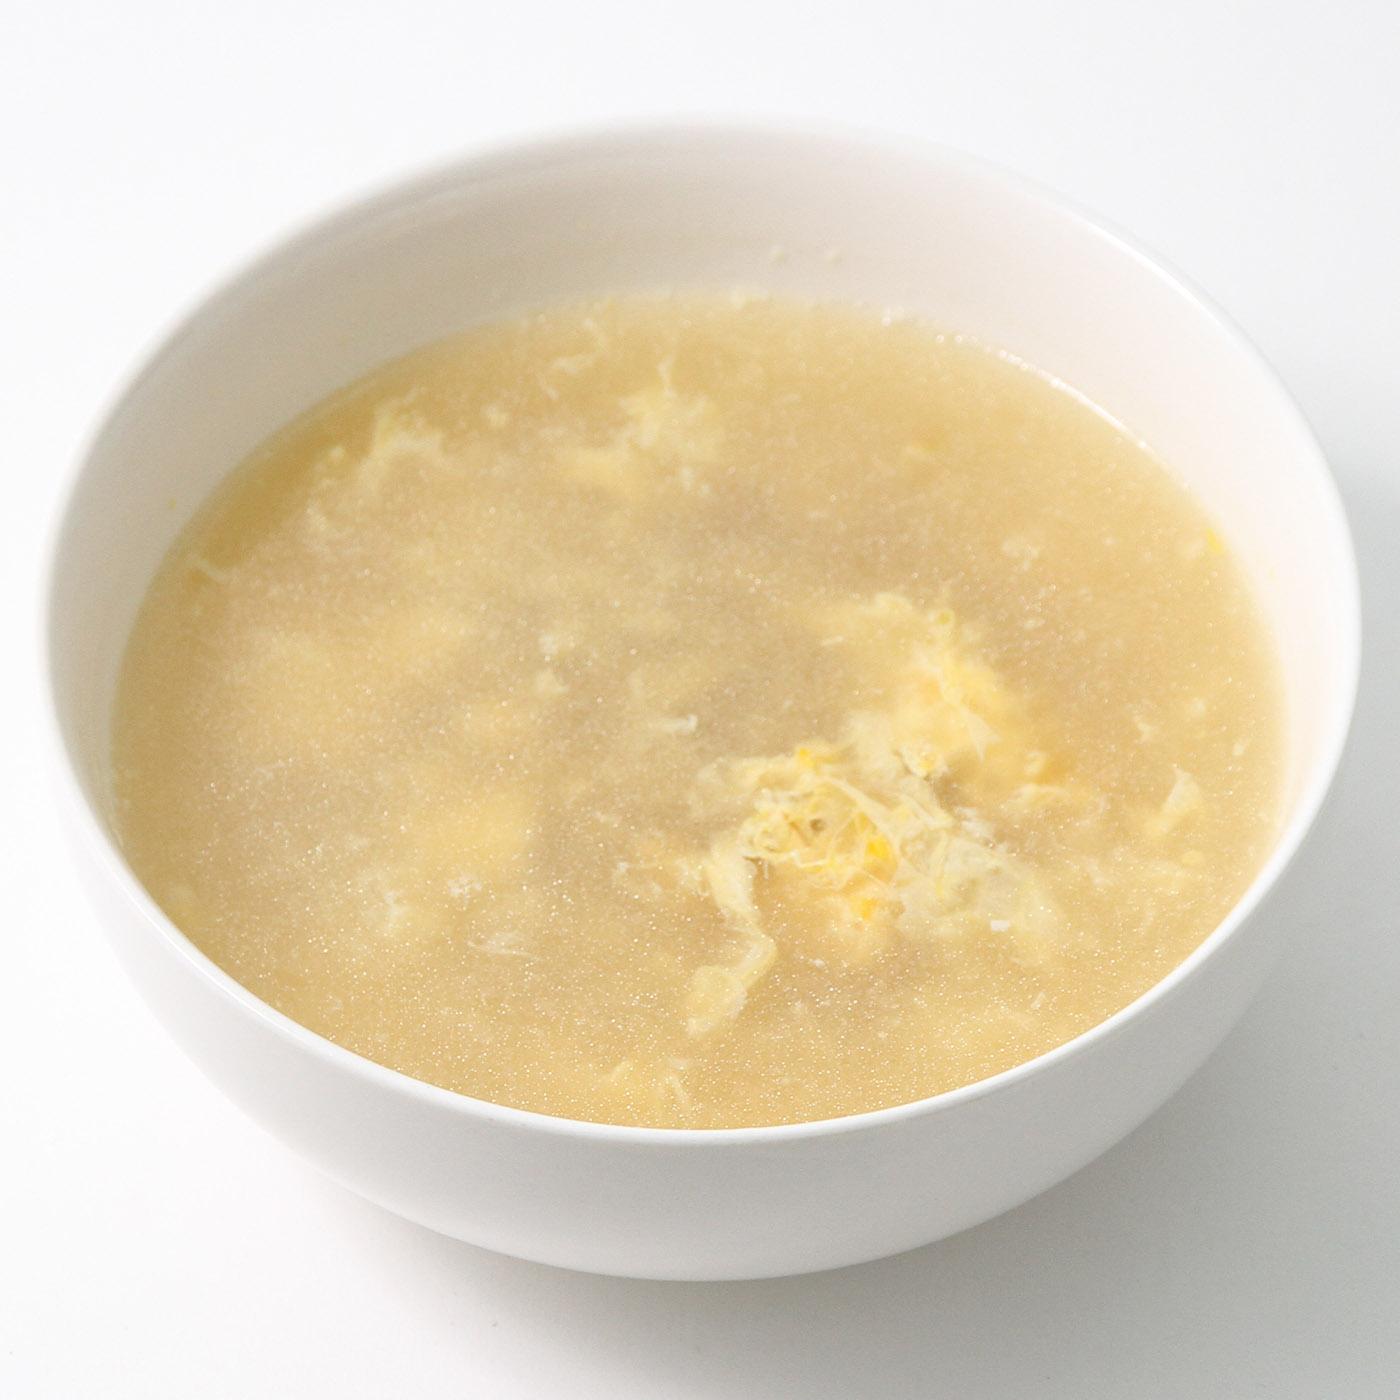 器に入れたふかひれスープ北京風